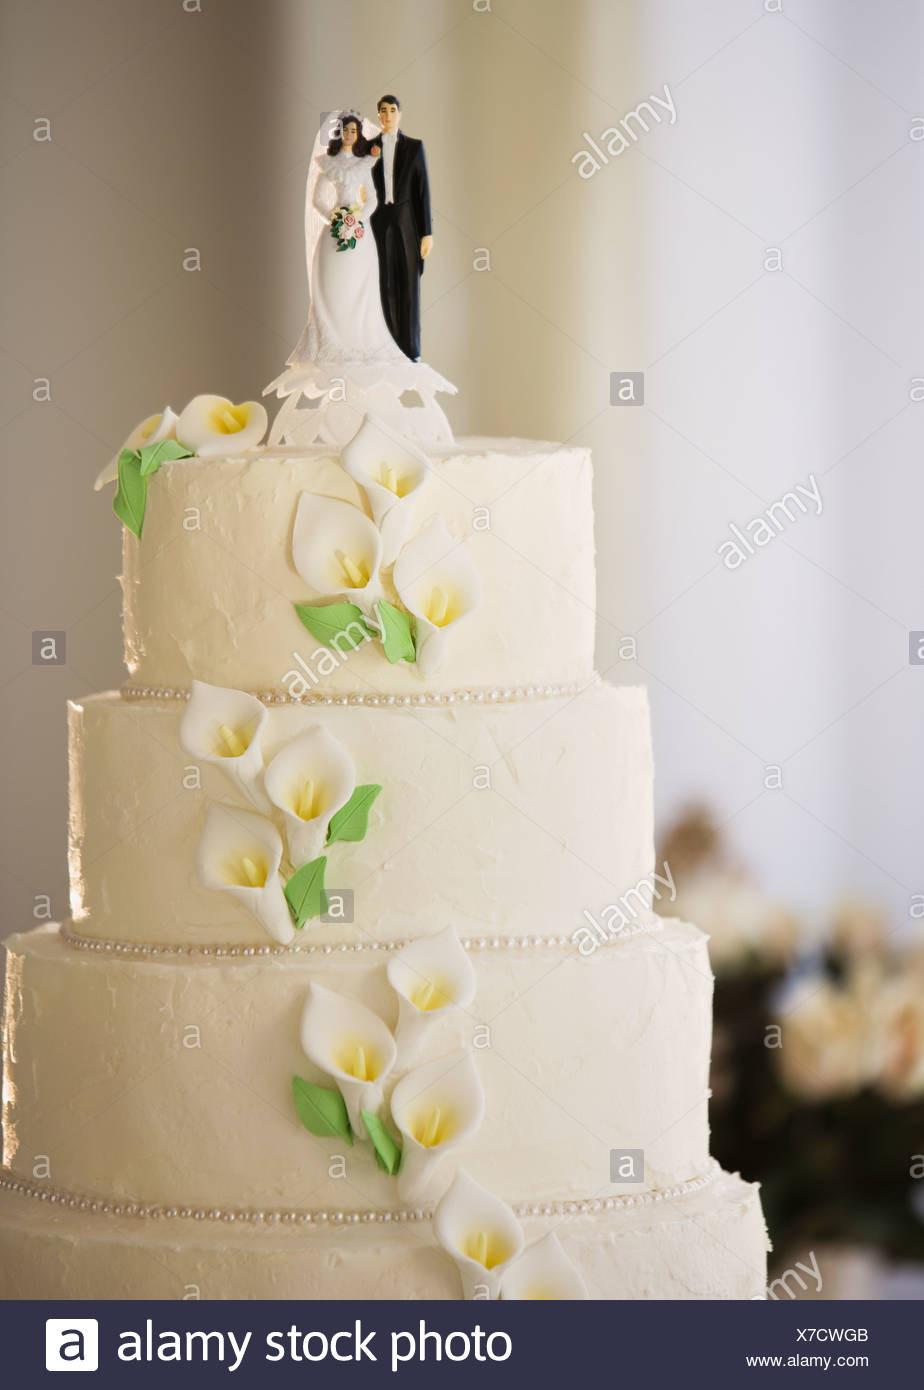 Hochzeitstorte Brautpaar  Hochzeitstorte mit Brautpaar Figuren Stockfoto Bild